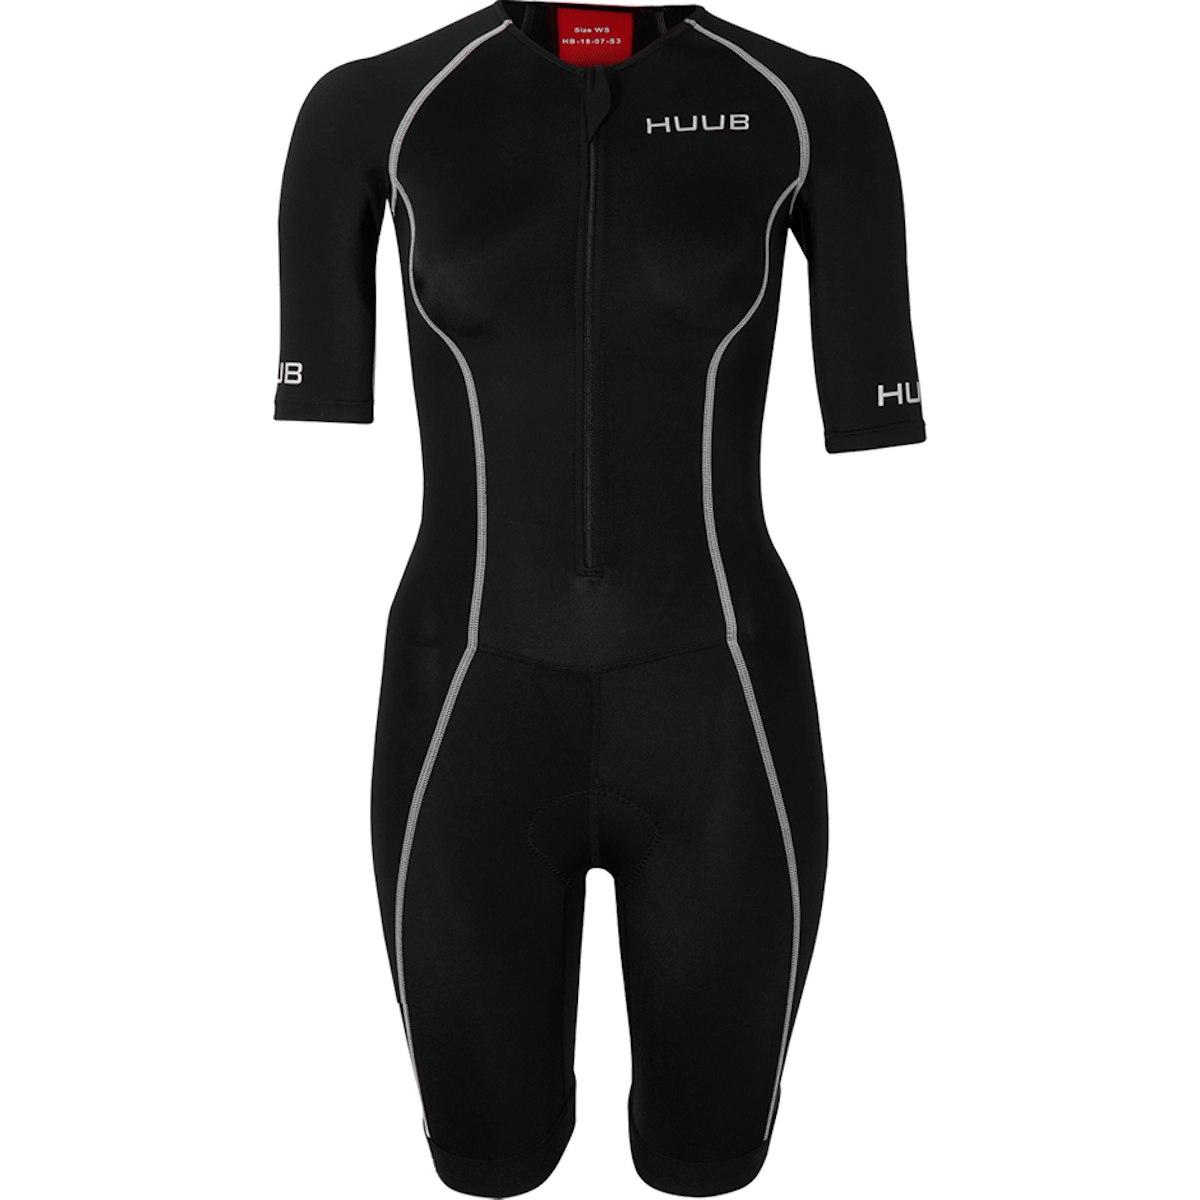 Produktbild von HUUB Design Essential Long Course Damen Trisuit - schwarz/rot